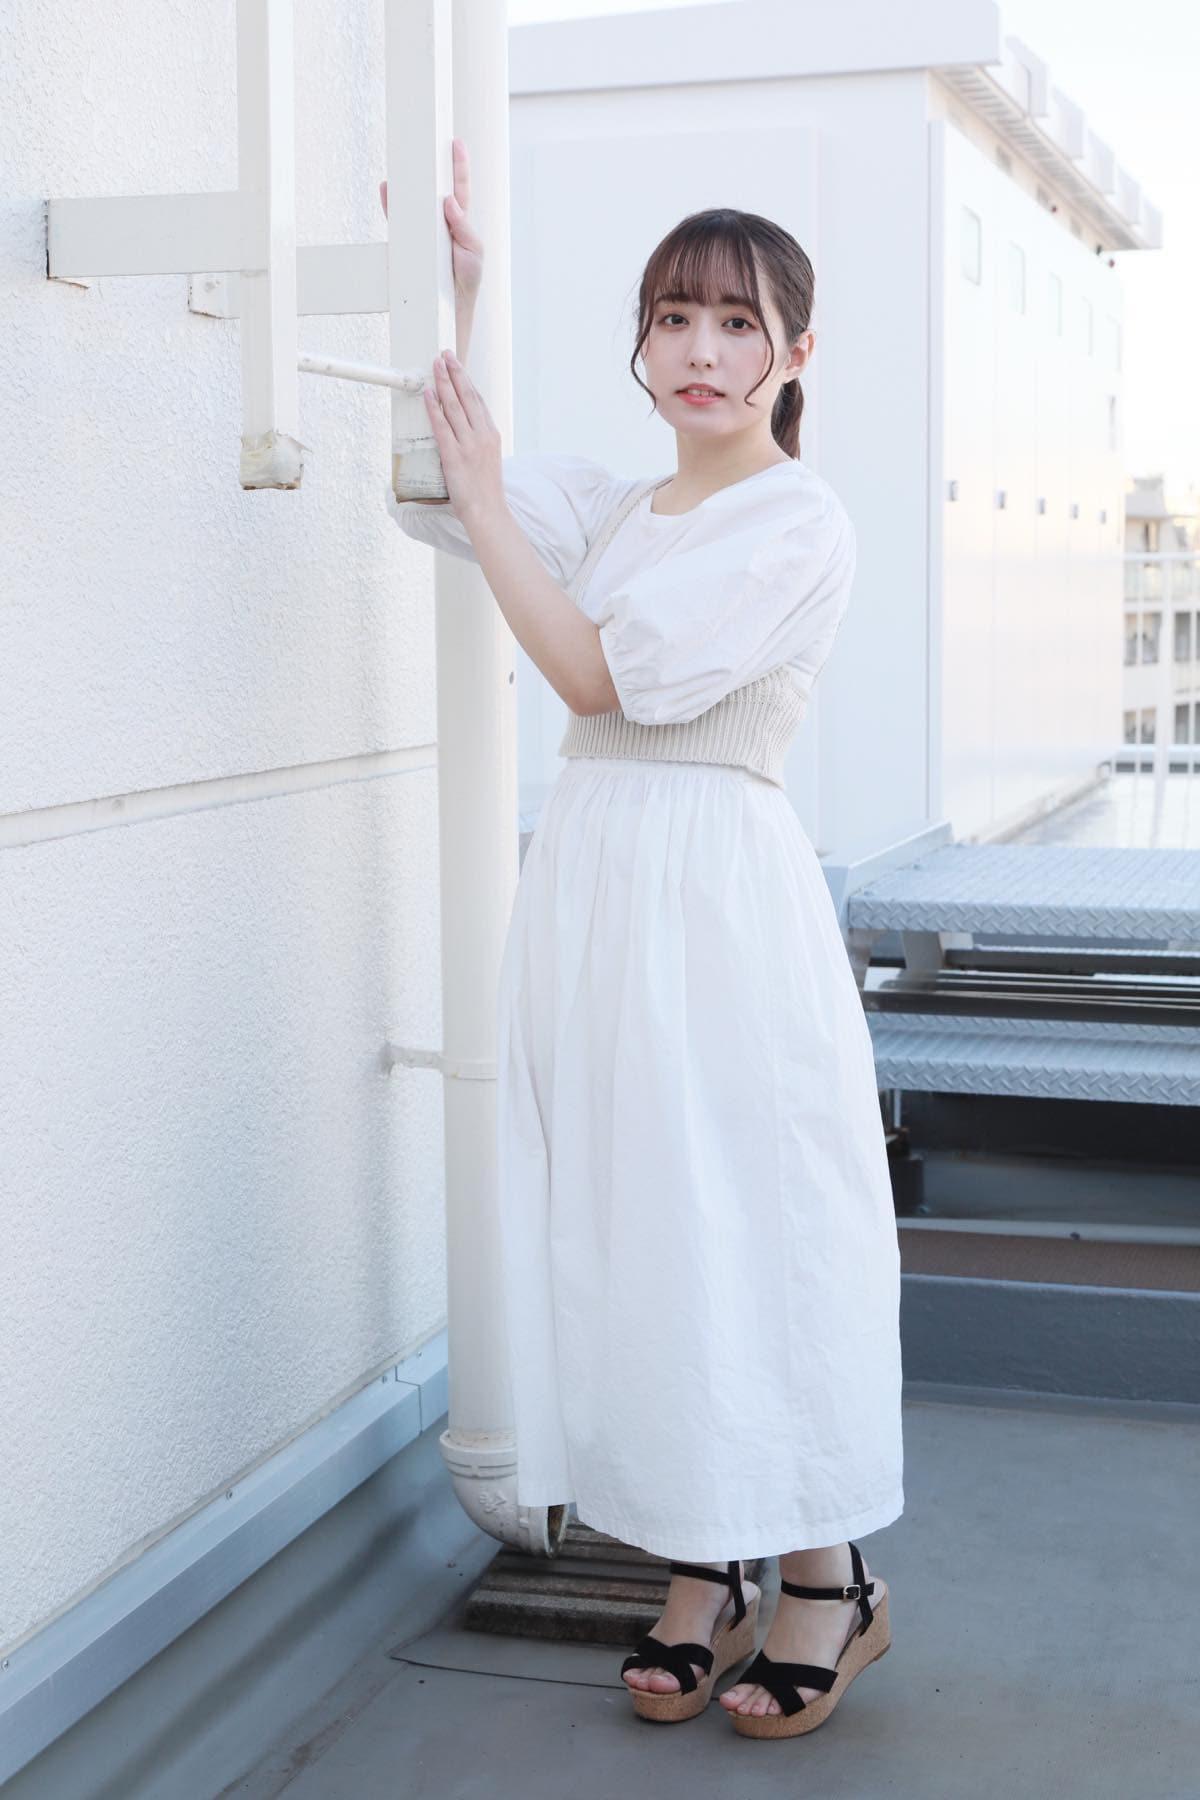 現役アイドル前田美里「『僕たちの嘘と真実』を観て、今まで欅坂46を応援してきて良かったなって思いました」【写真40枚】「坂道が好きだ!」第49回の画像031